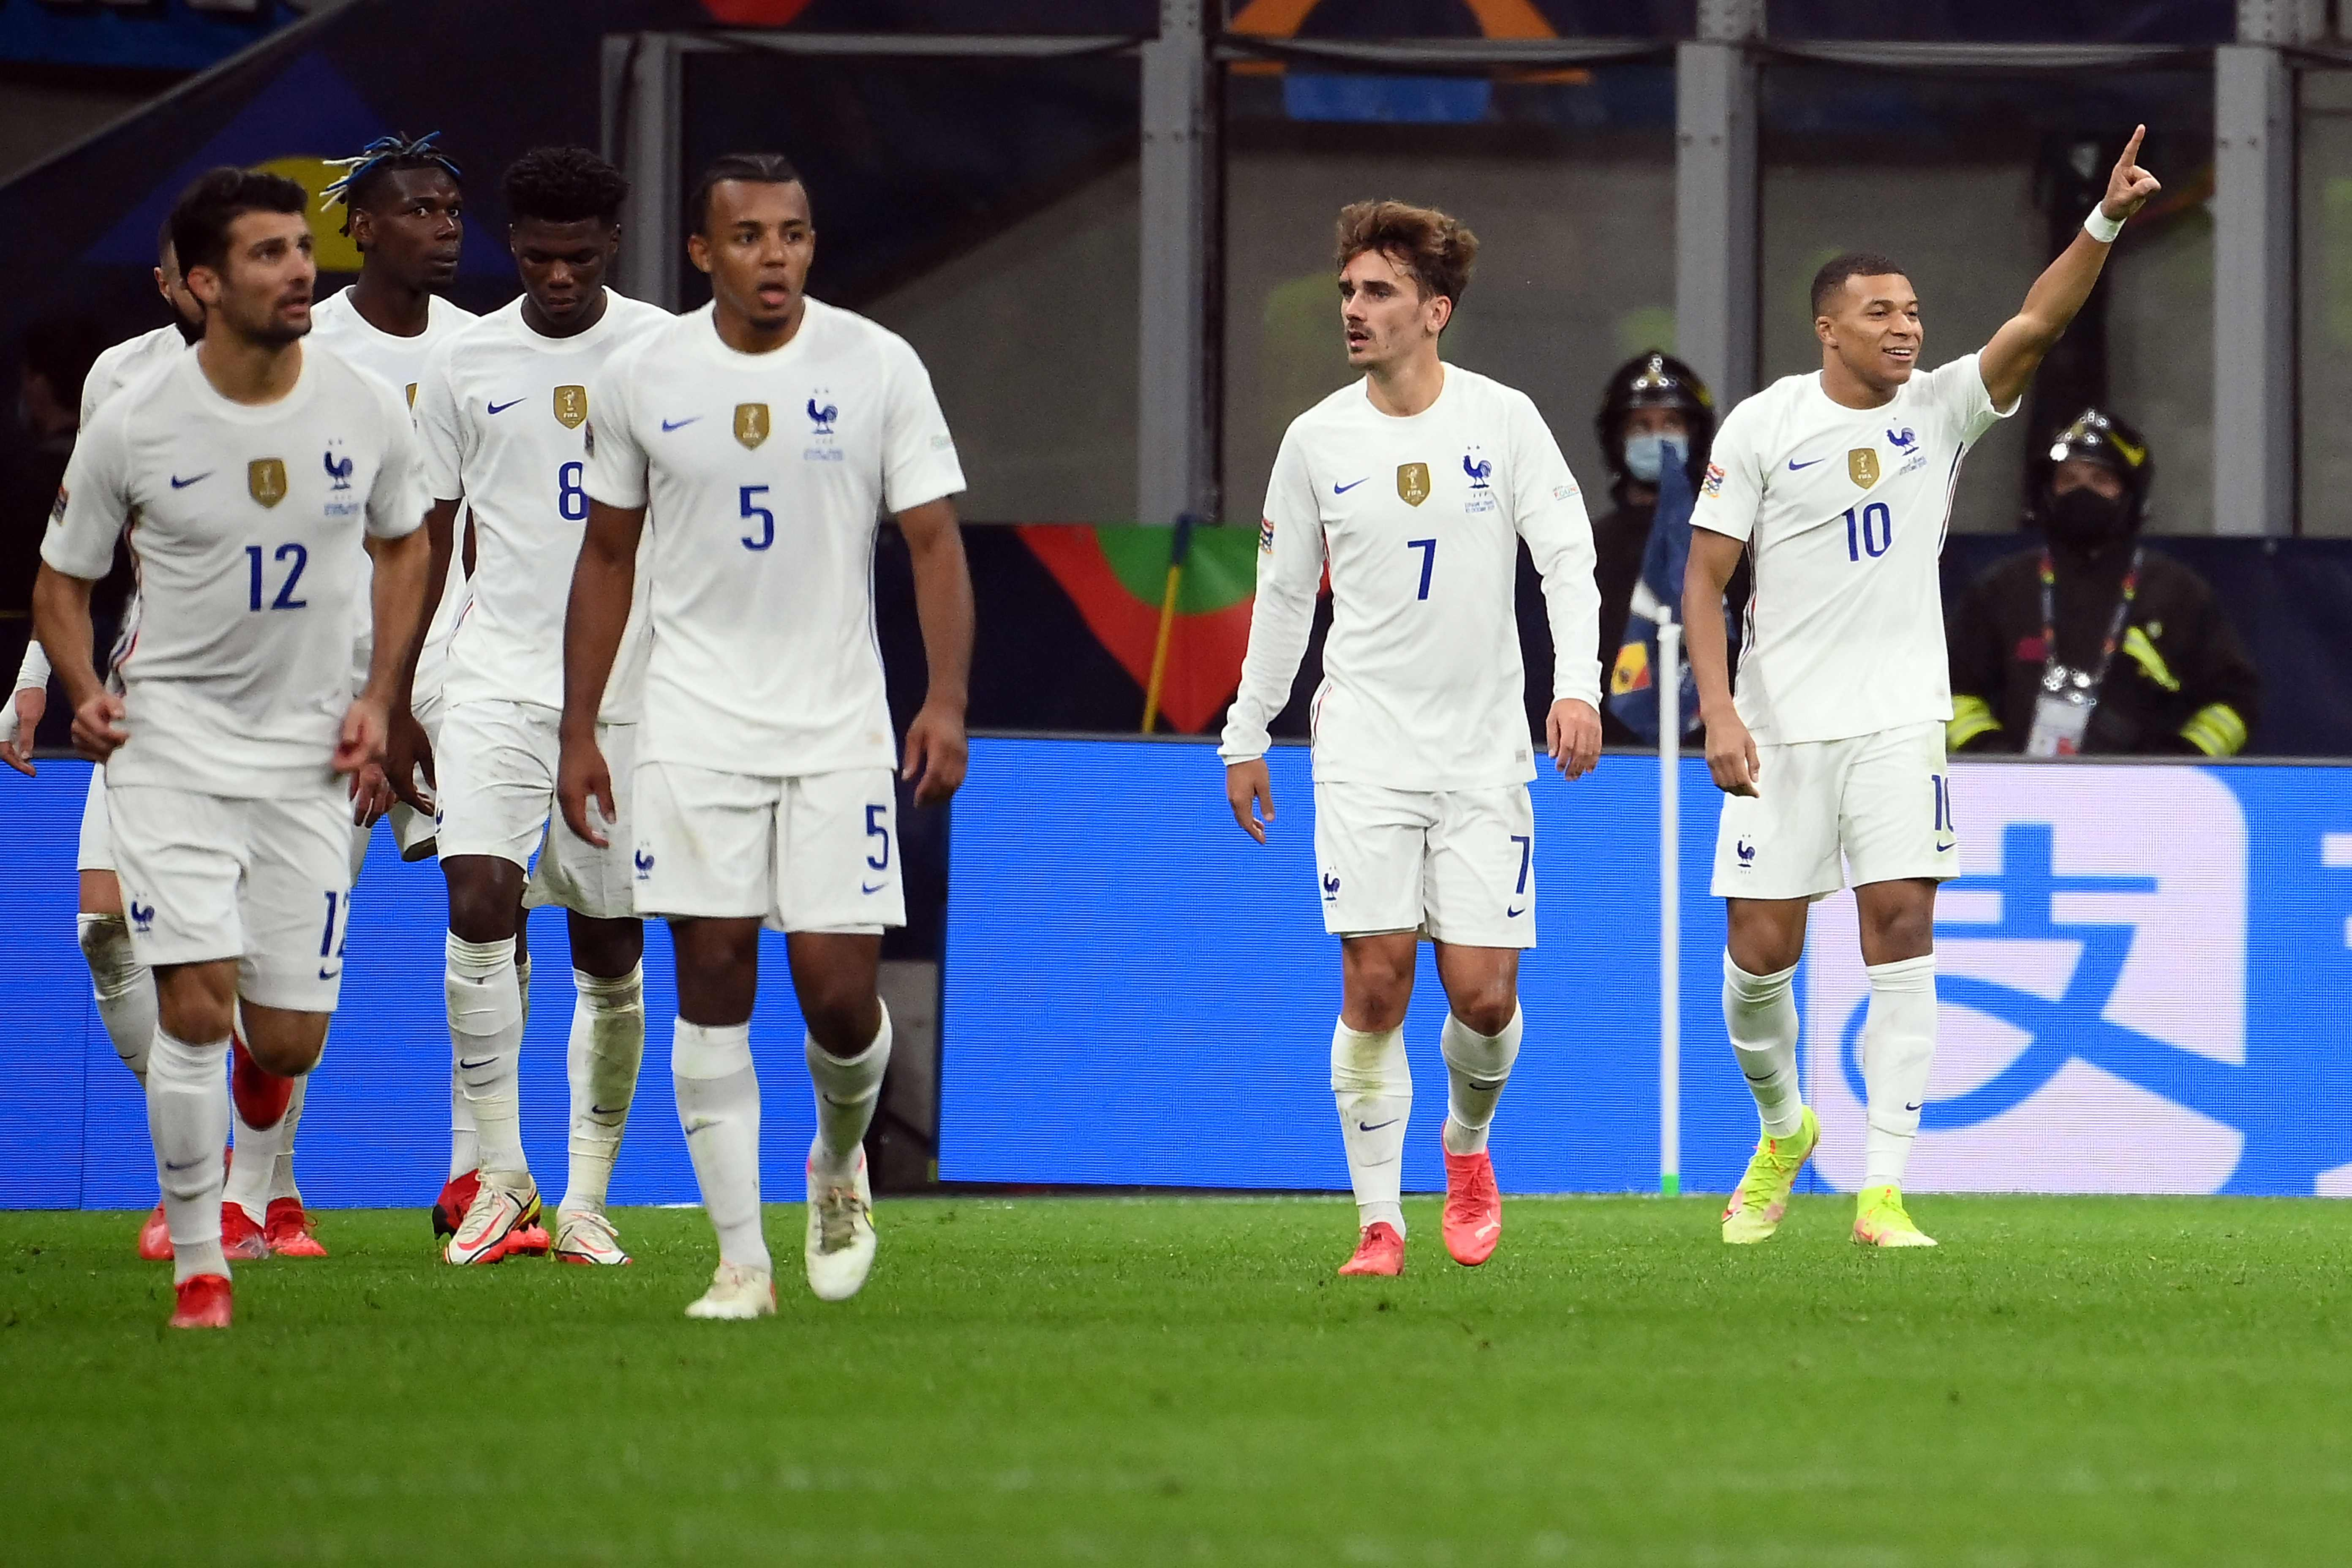 Ligue des Nations –UEFA : Une prime de 55 000€ attribuée aux joueurs et staff de l'équipe de France